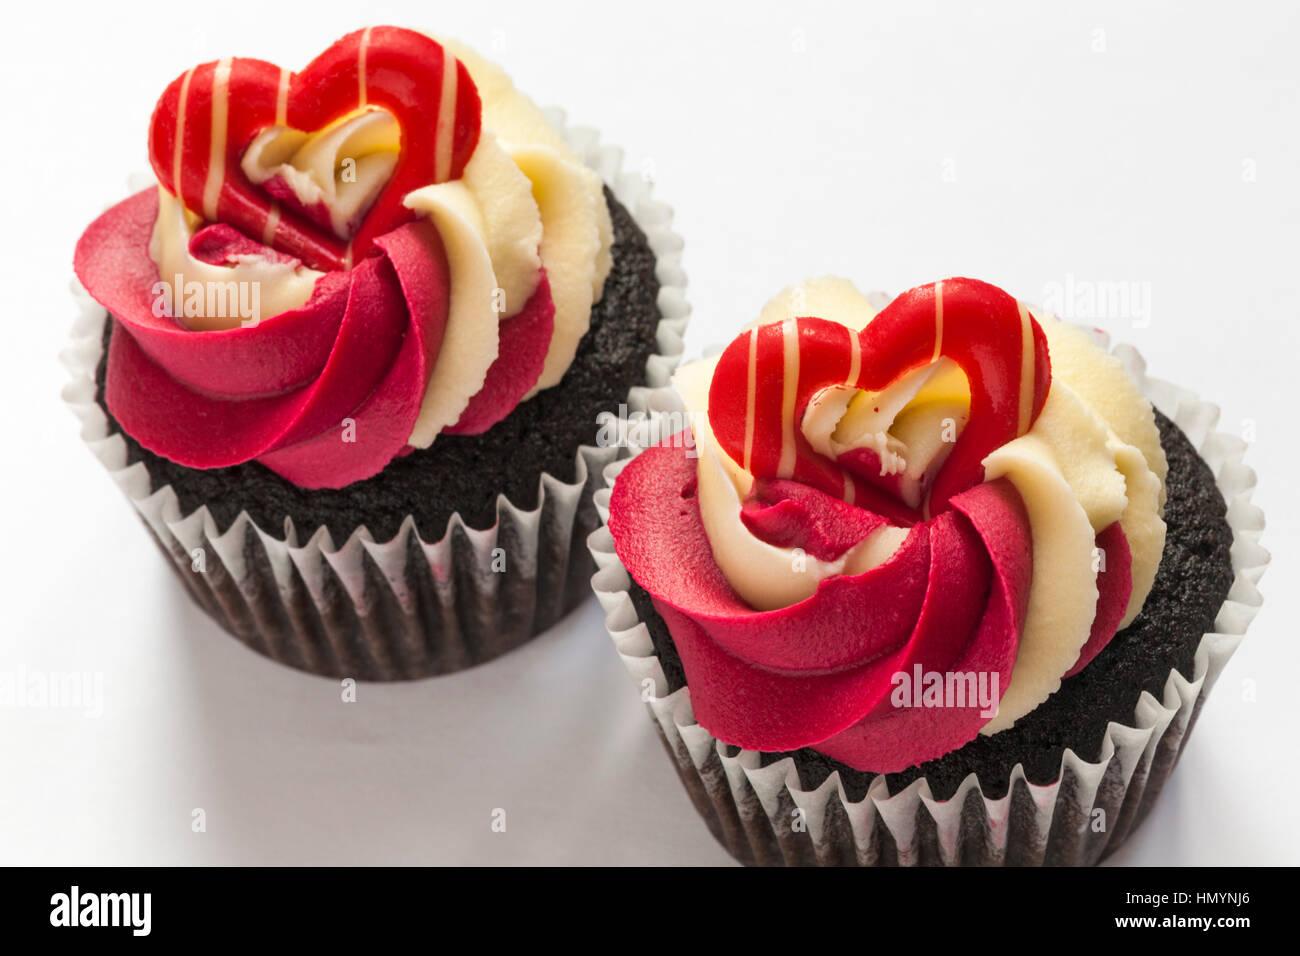 M S Schokolade Himbeere Prosecco Cupcakes Auf Weissem Hintergrund